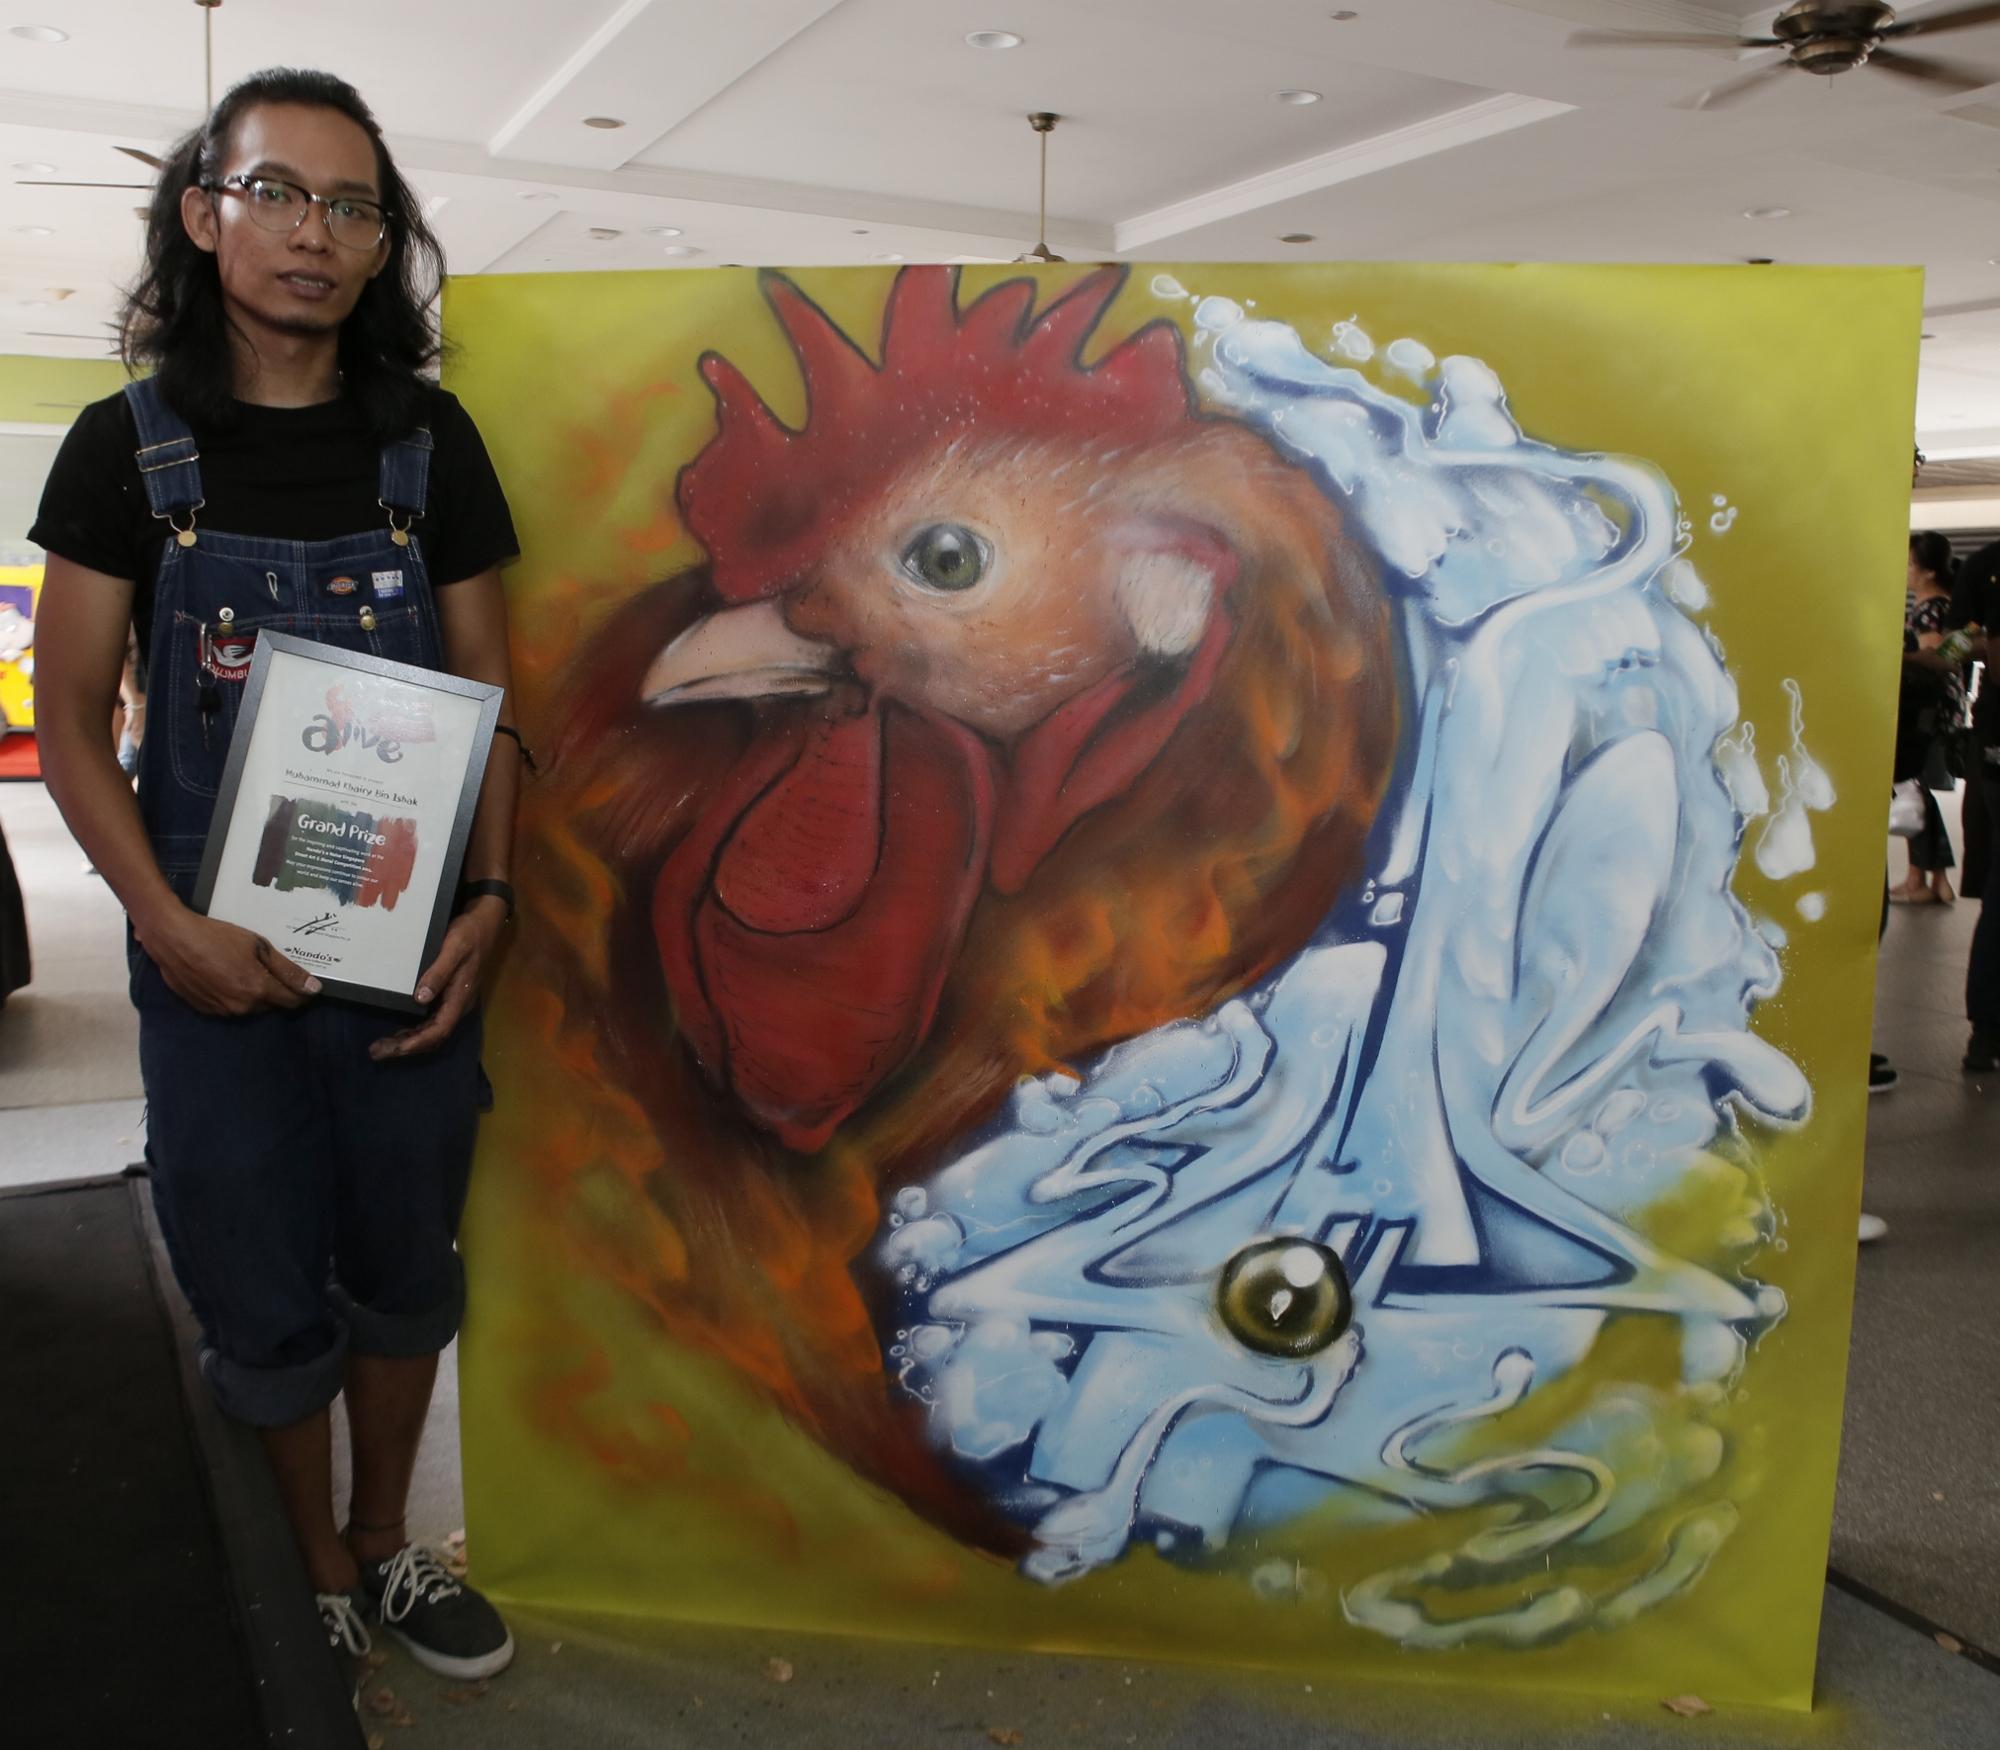 Muhammad Khairy Bin Ishak with his winning artwork